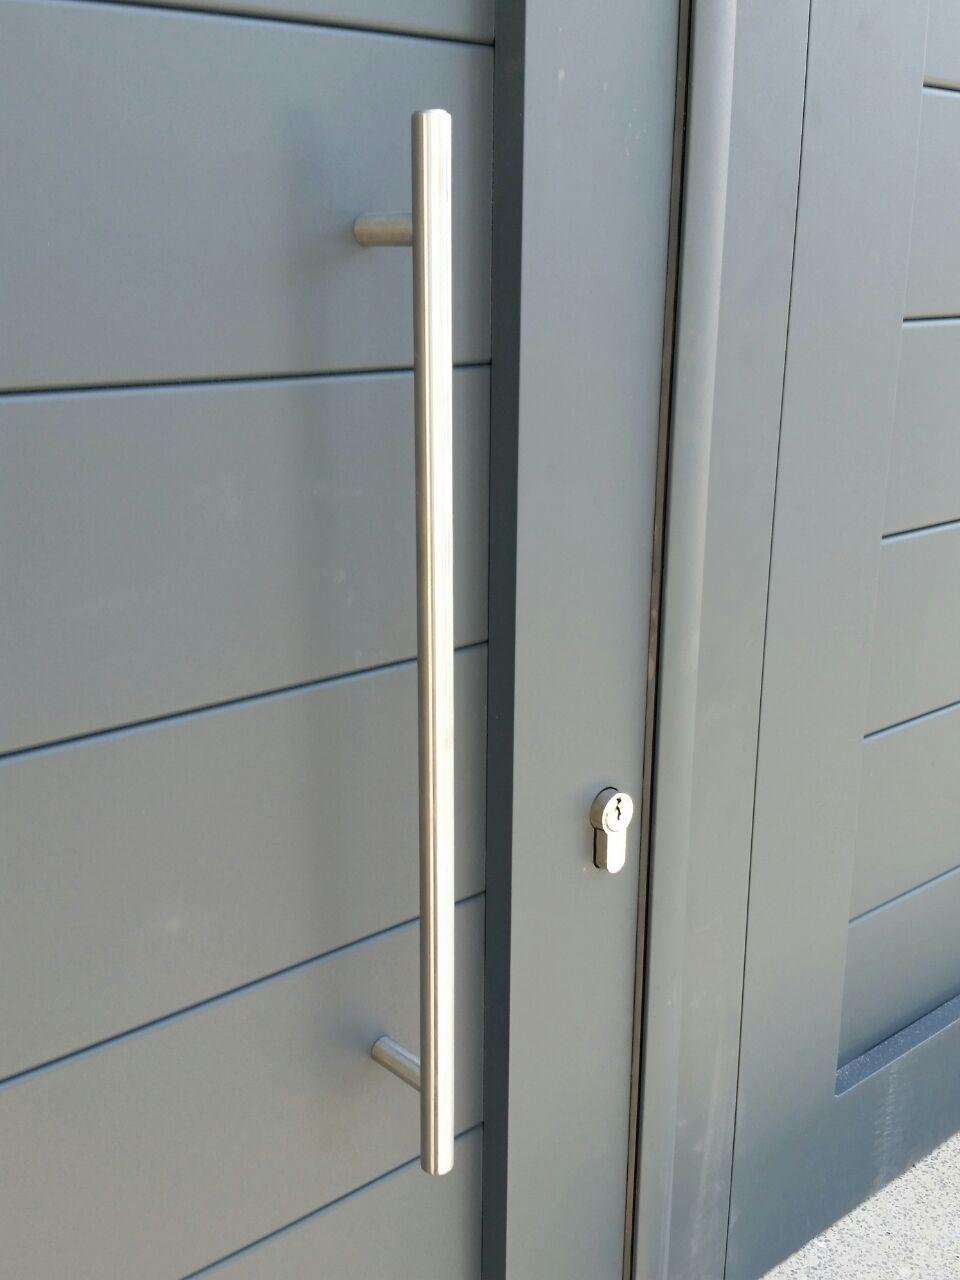 Puertas de aluminio soldado y vallas grupo marver - Puertas metalicas jardin ...